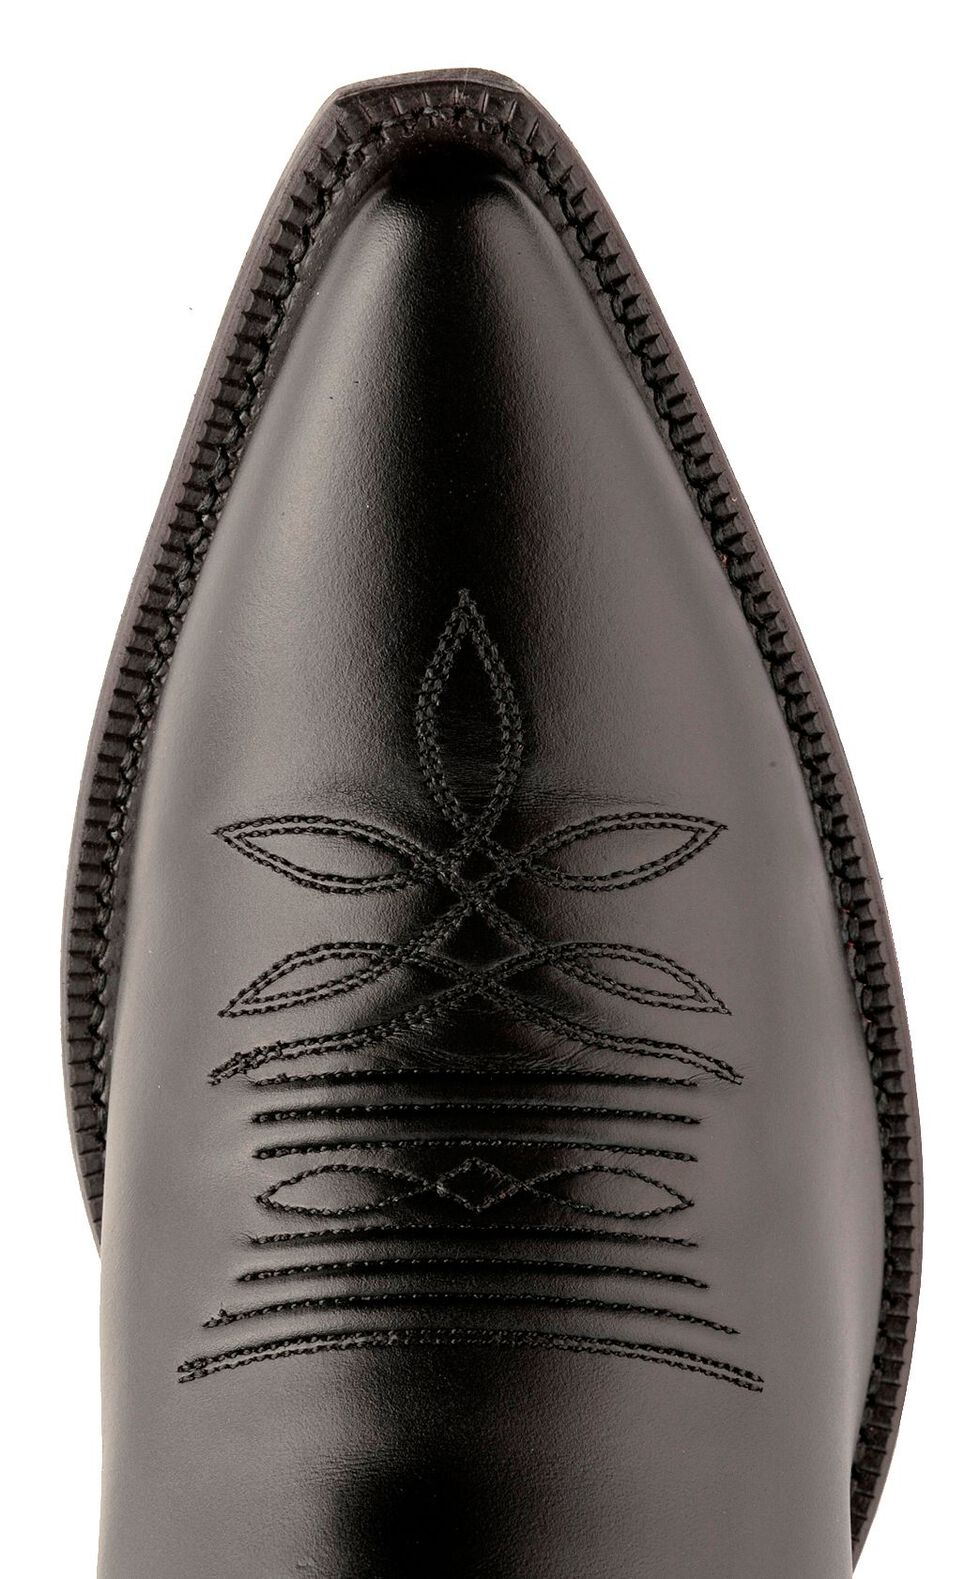 Tony Lama Signature Series Brushed Goat Cowboy Boots - Medium Toe, Black, hi-res